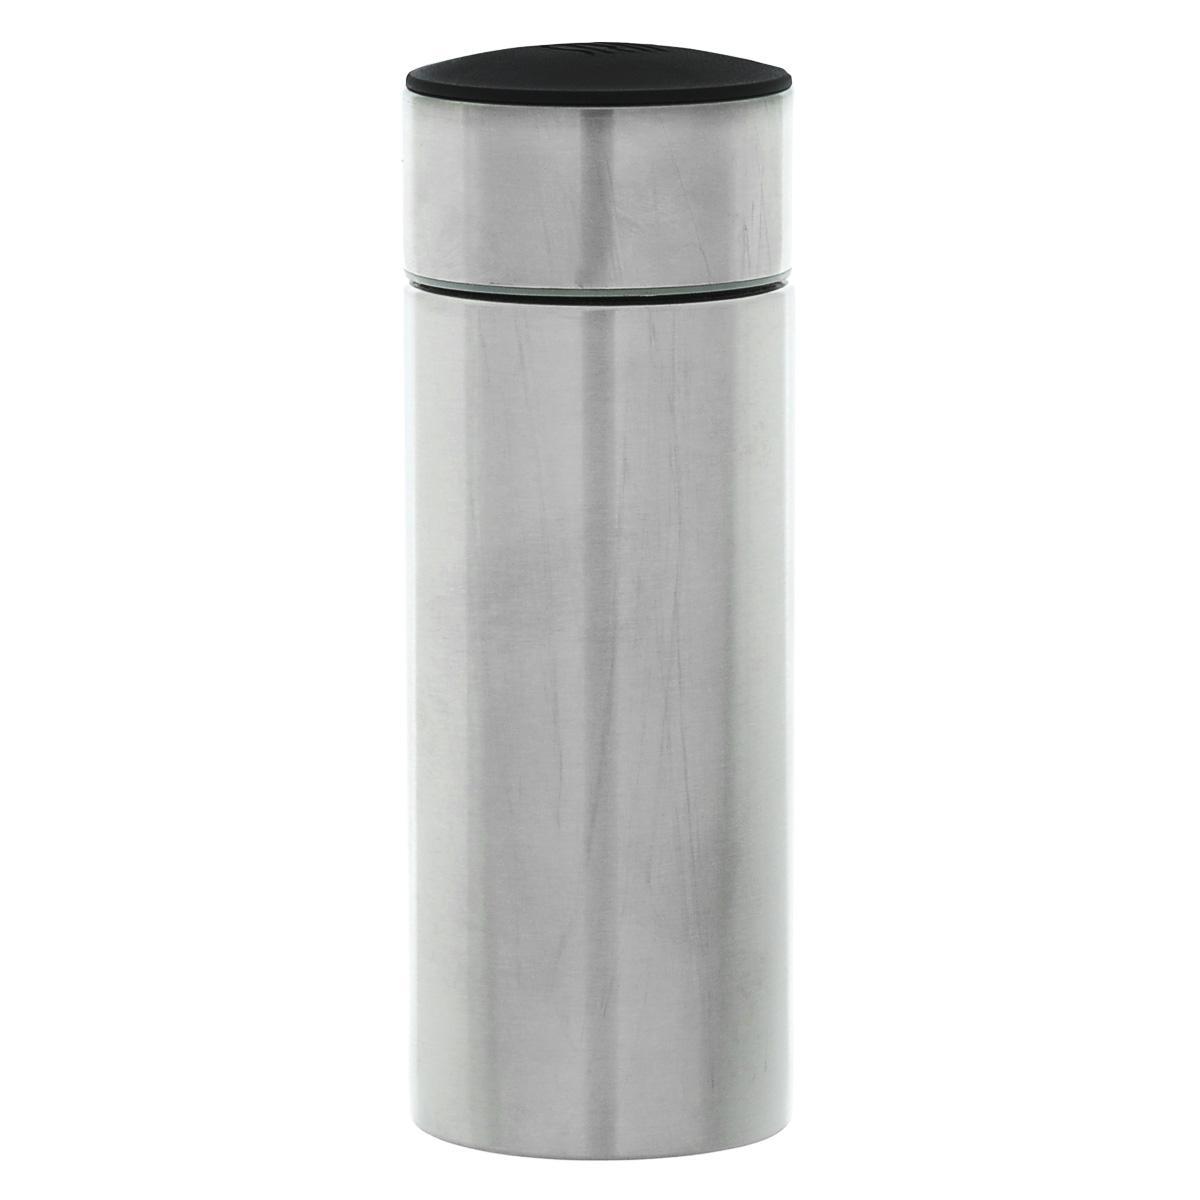 Термос-мини Iris Barcelona, 200 мл115510Термос-мини Iris Barcelona - очень удобный и практичный предмет, который поможет вам насладиться любимым напитком где угодно. Термос выполнен из высококачественной нержавеющей стали. Оснащен широким горлом и плотно закрывающейся крышкой с резьбой. Благодаря двойным стенкам, термос сохраняет температуру напитка до 5,5 часов. Подходит как для холодных, так и для горячих напитков. Основание прорезиненное. Компактные размеры позволят уместить его даже в самой маленькой сумке. Его можно взять с собой на отдых, на работу или учебу, на прогулку, в путешествие. Диаметр: 5,5 см. Высота (с крышкой): 15 см.